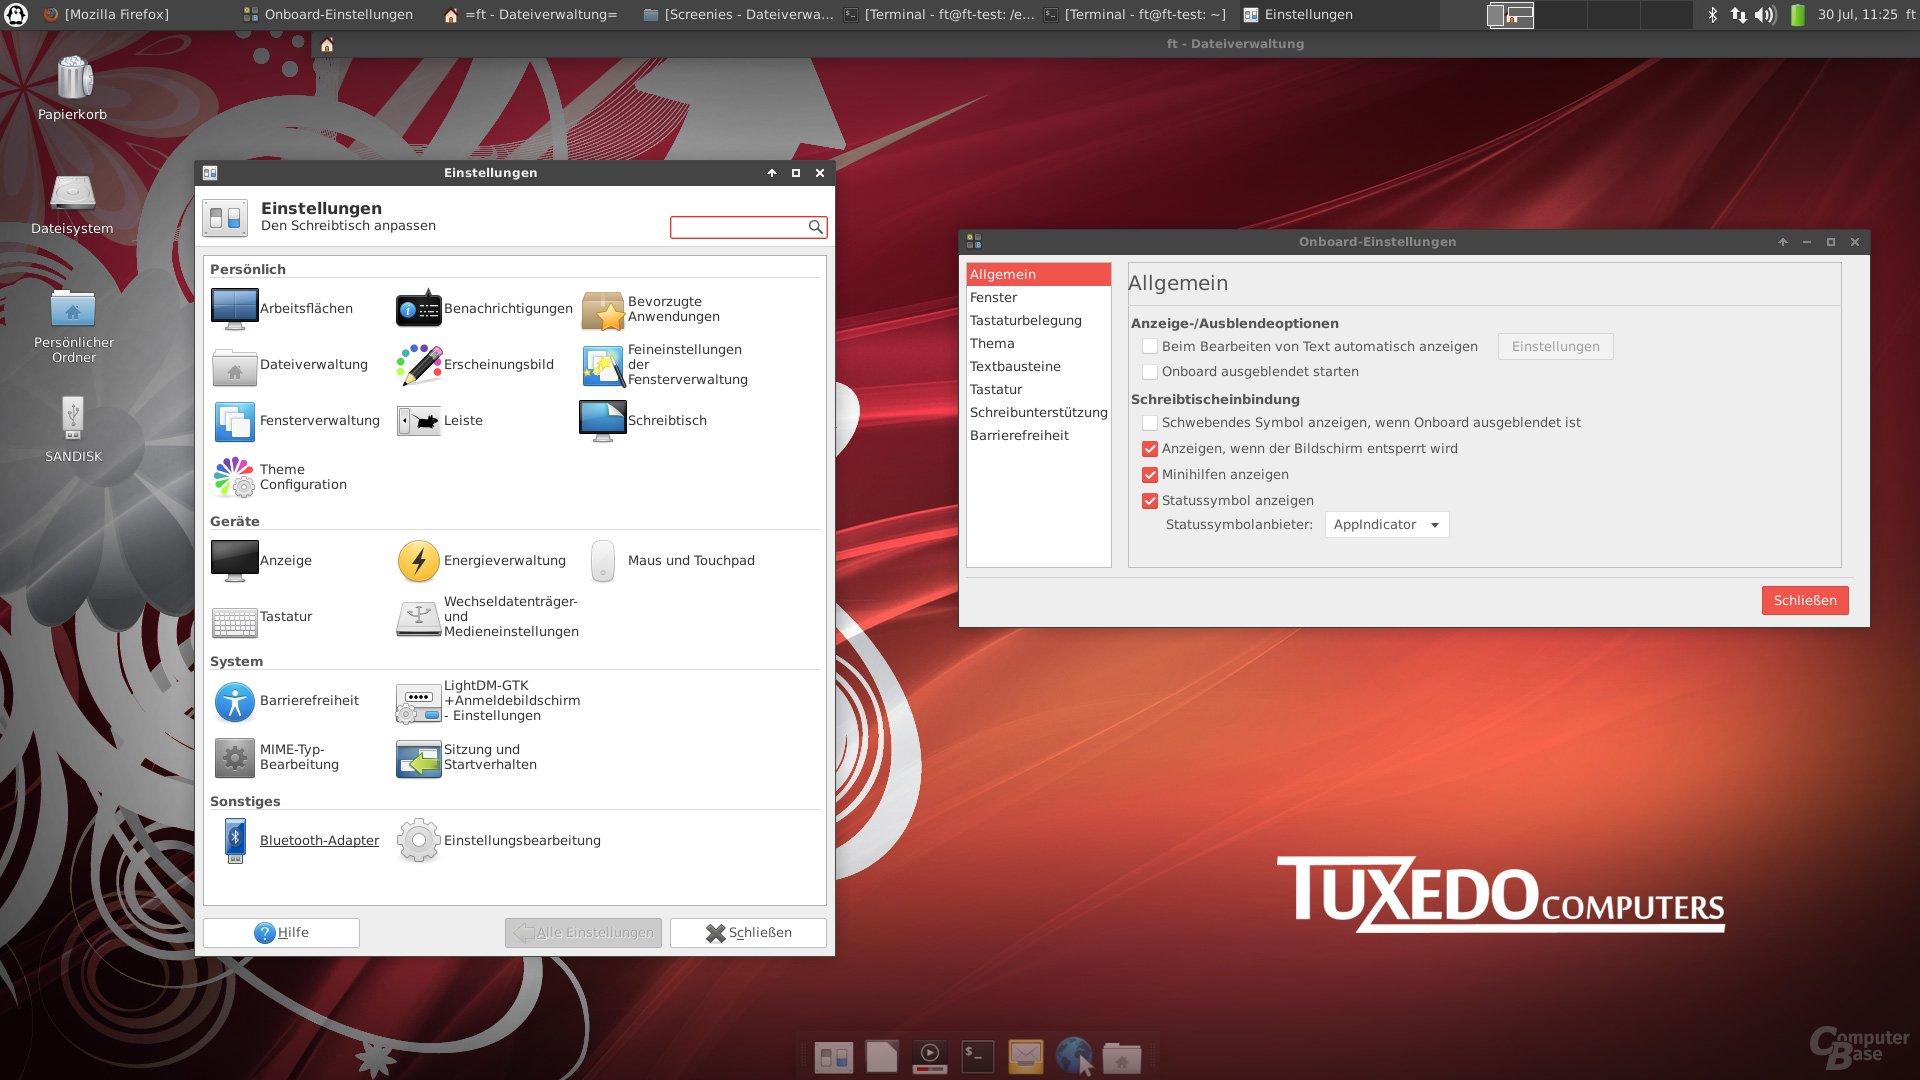 Xubuntu Mate Einstellungsdialog